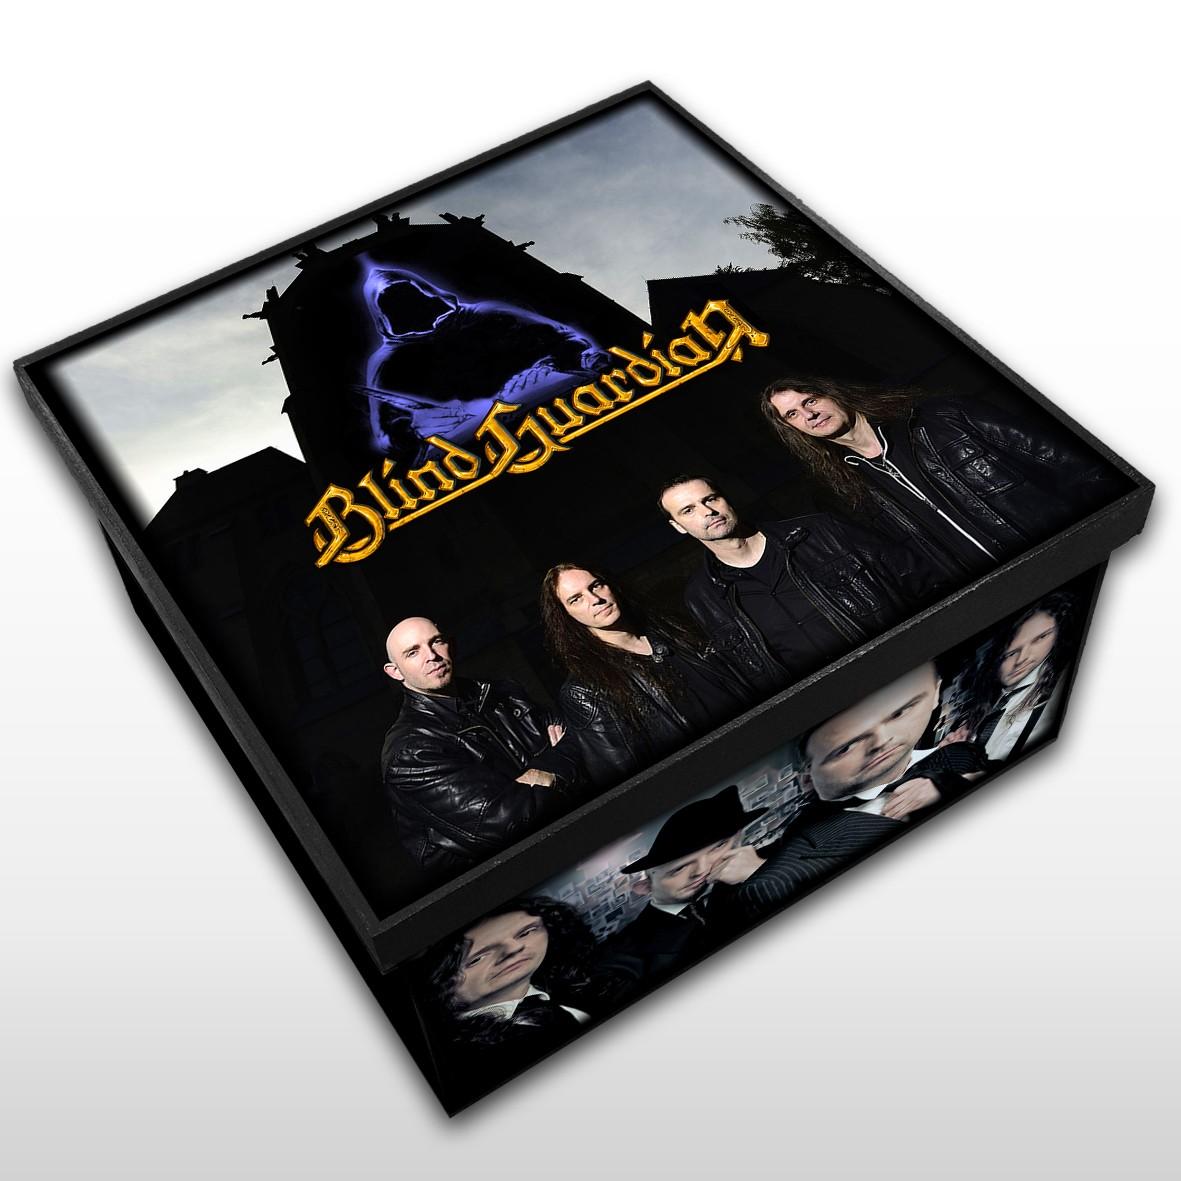 Blind Guardian - Caixa Organizadora em Madeira MDF - Tamanho Médio - Mr. Rock